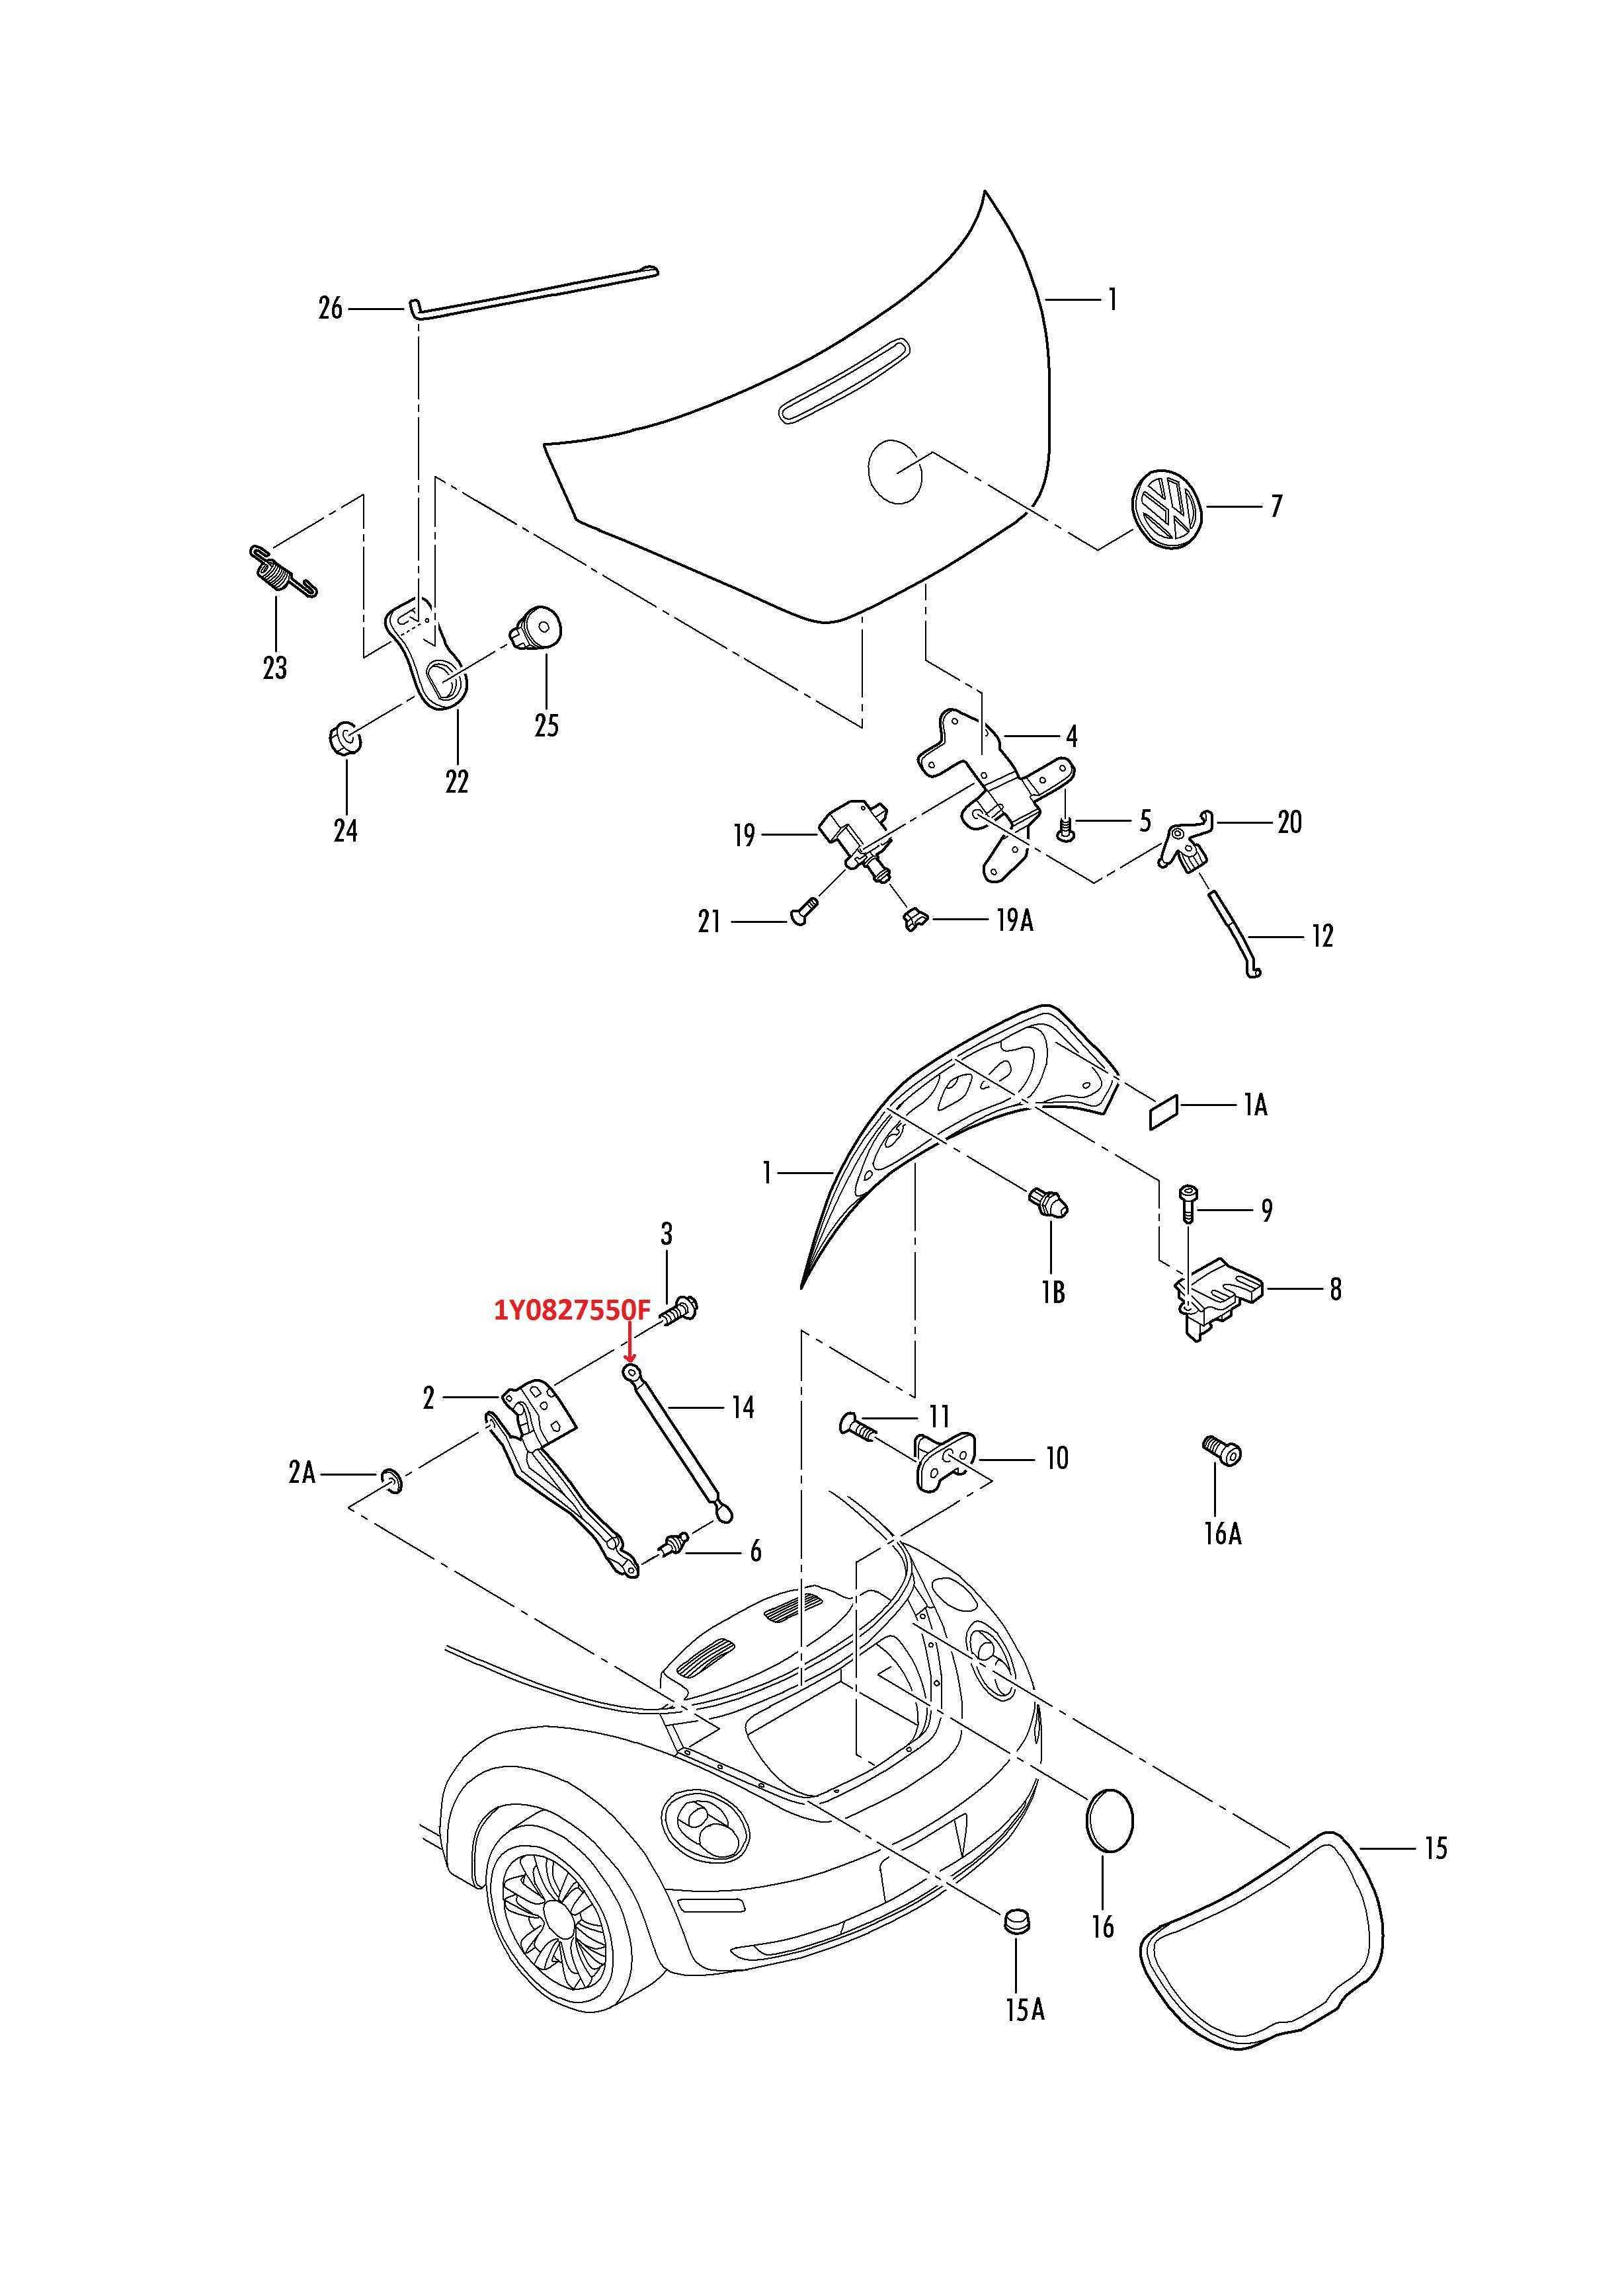 Amortiguador De Cajuela Lh Rh Para Beetle Cabrio